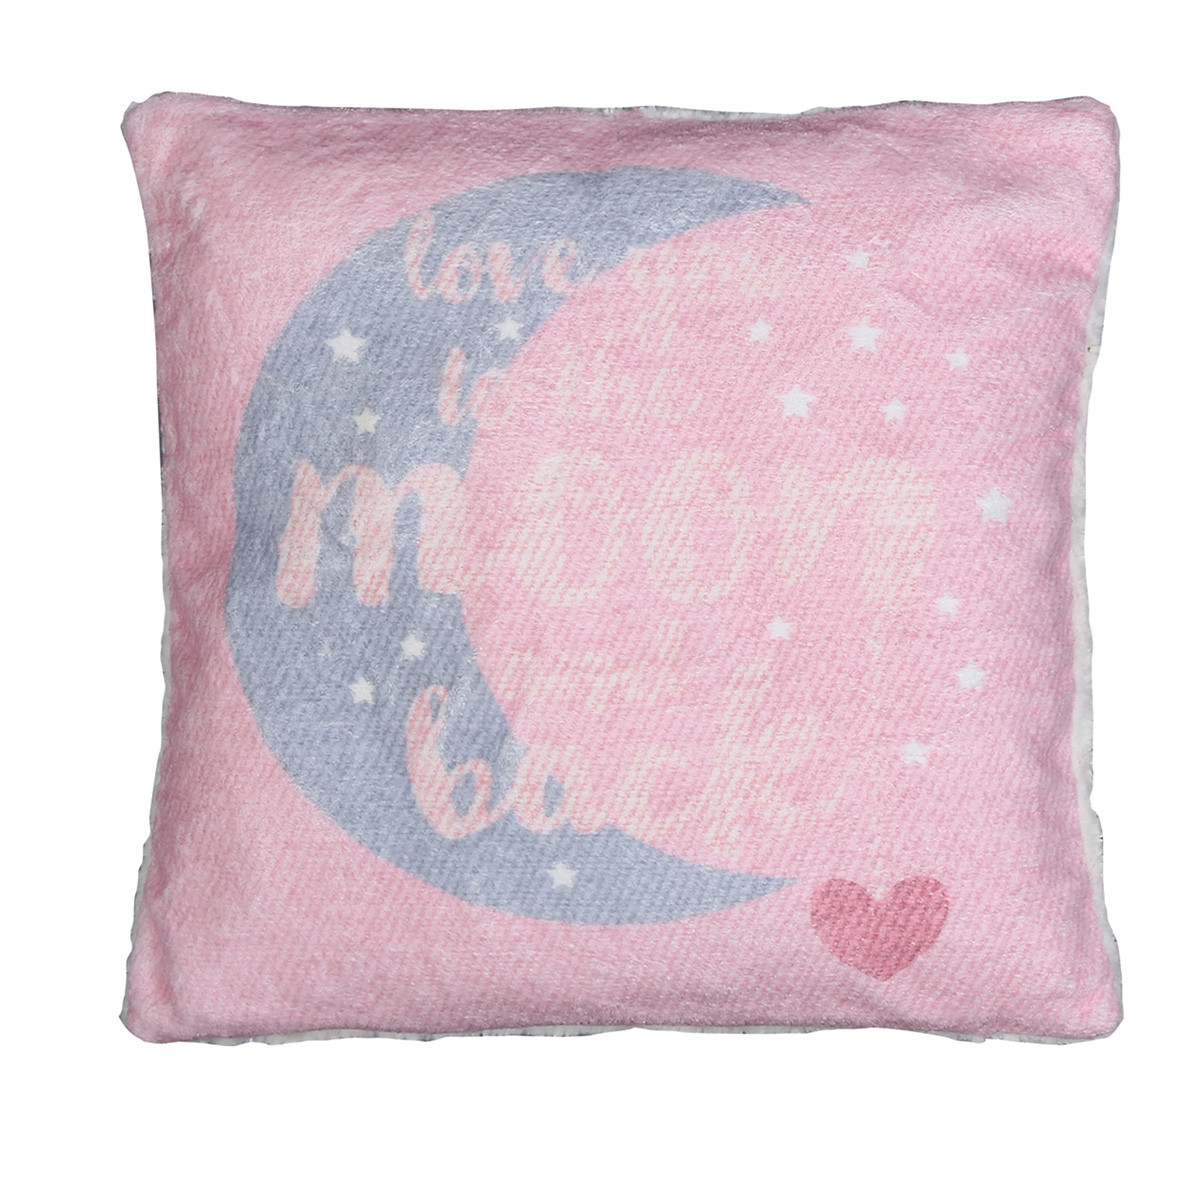 Διακοσμητικό Μαξιλάρι Nef-Nef Moon+Back Pink home   βρεφικά   διακοσμητικά μαξιλάρια